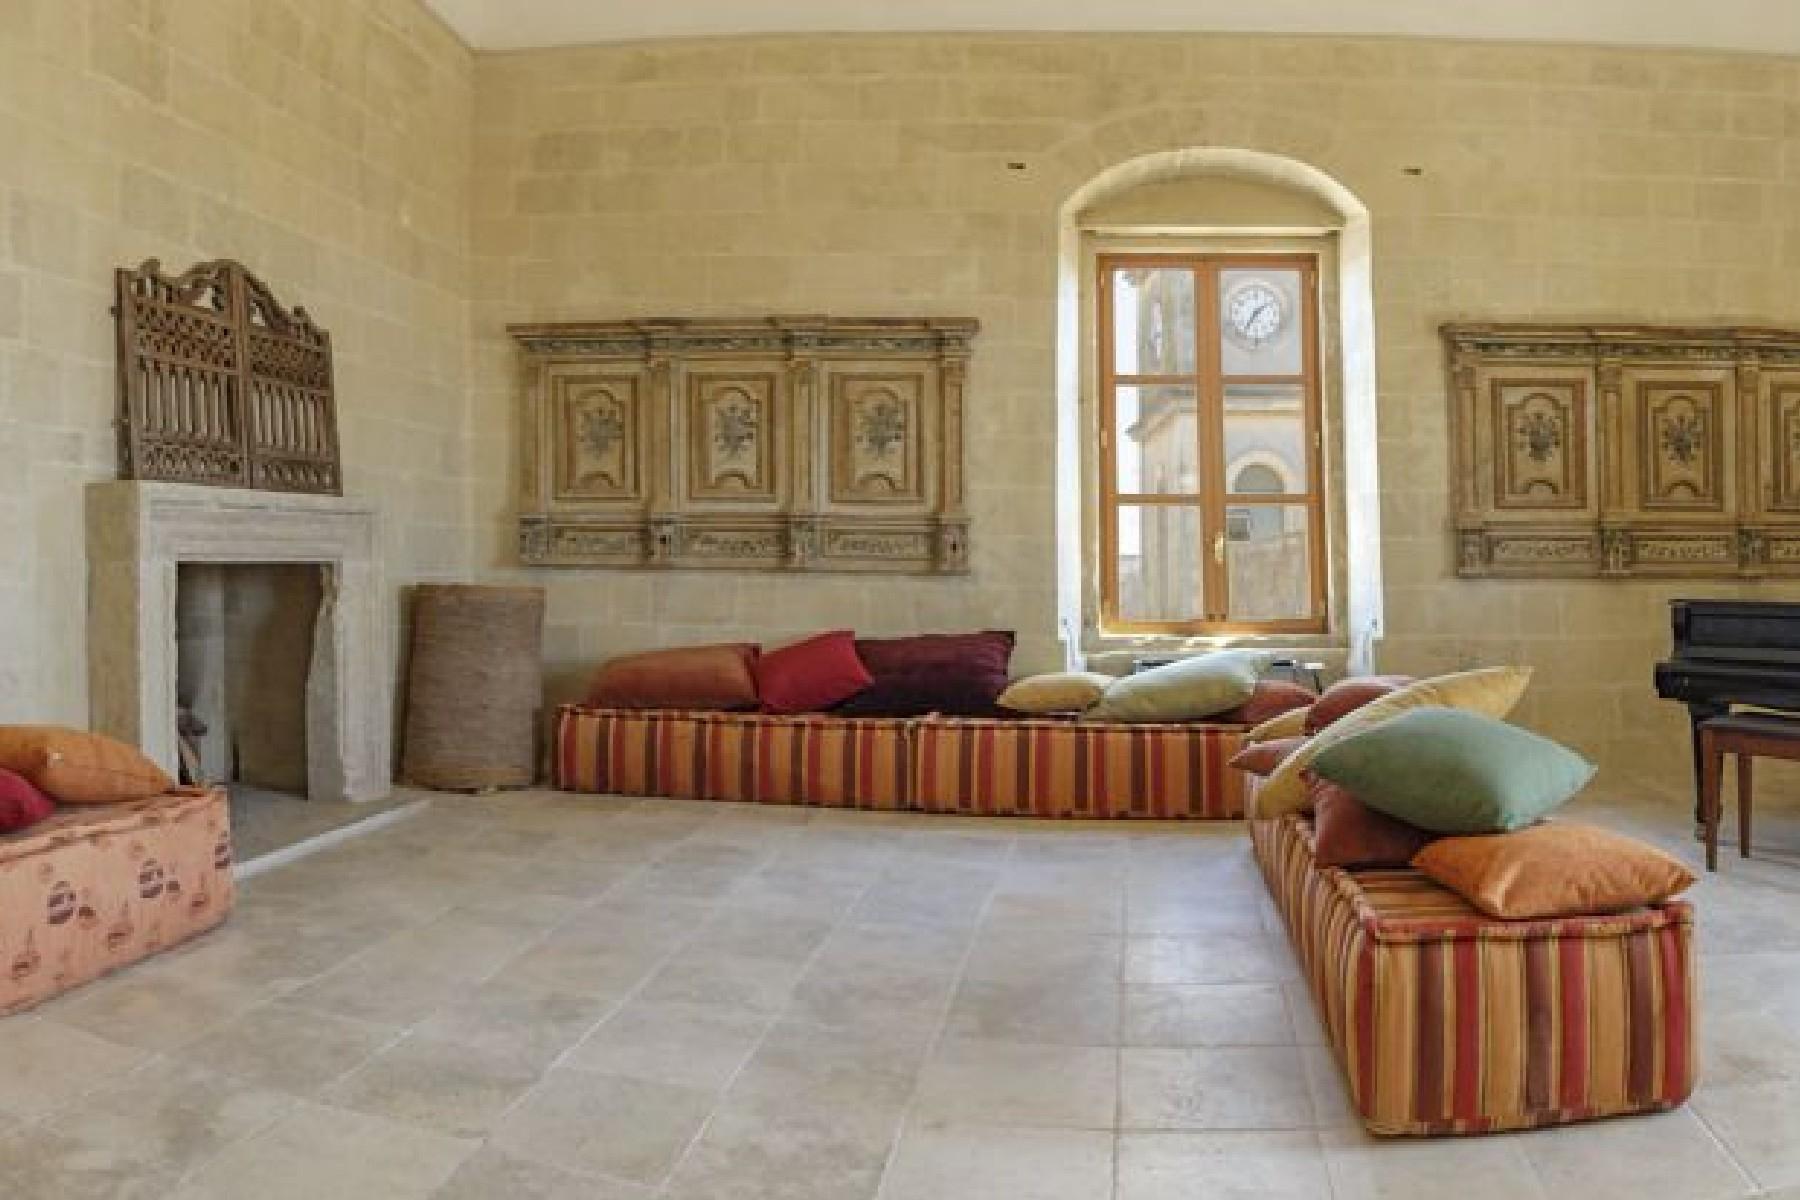 Antico ed imponente Palazzo nelle immediate vicinanze della Lecce barocca - 8